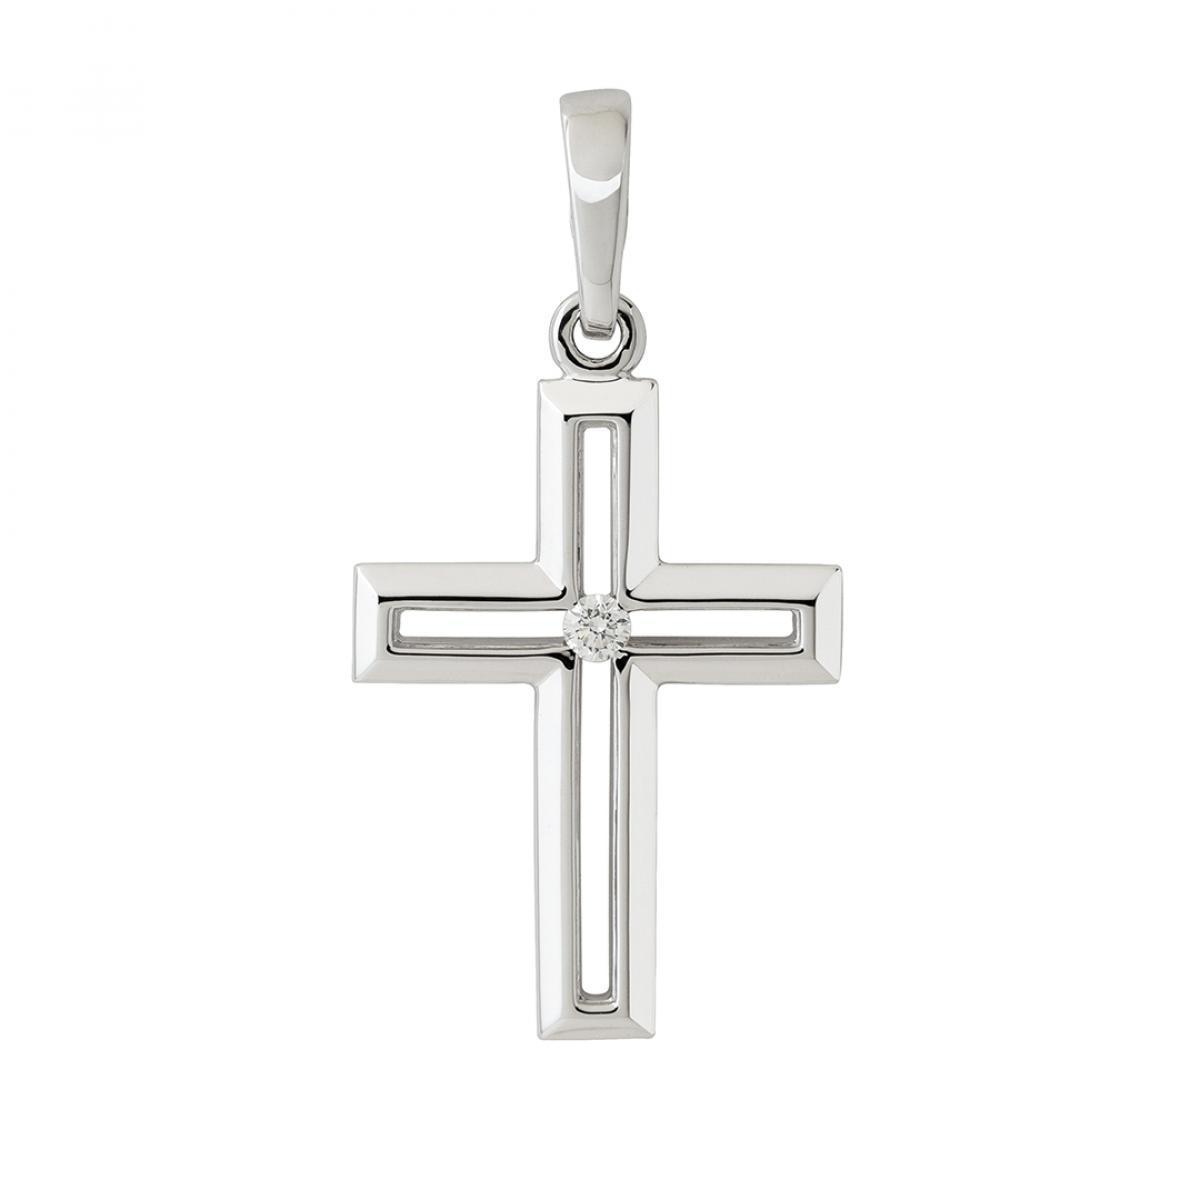 Жіночий хрестик з білого золота із вставкою циркону